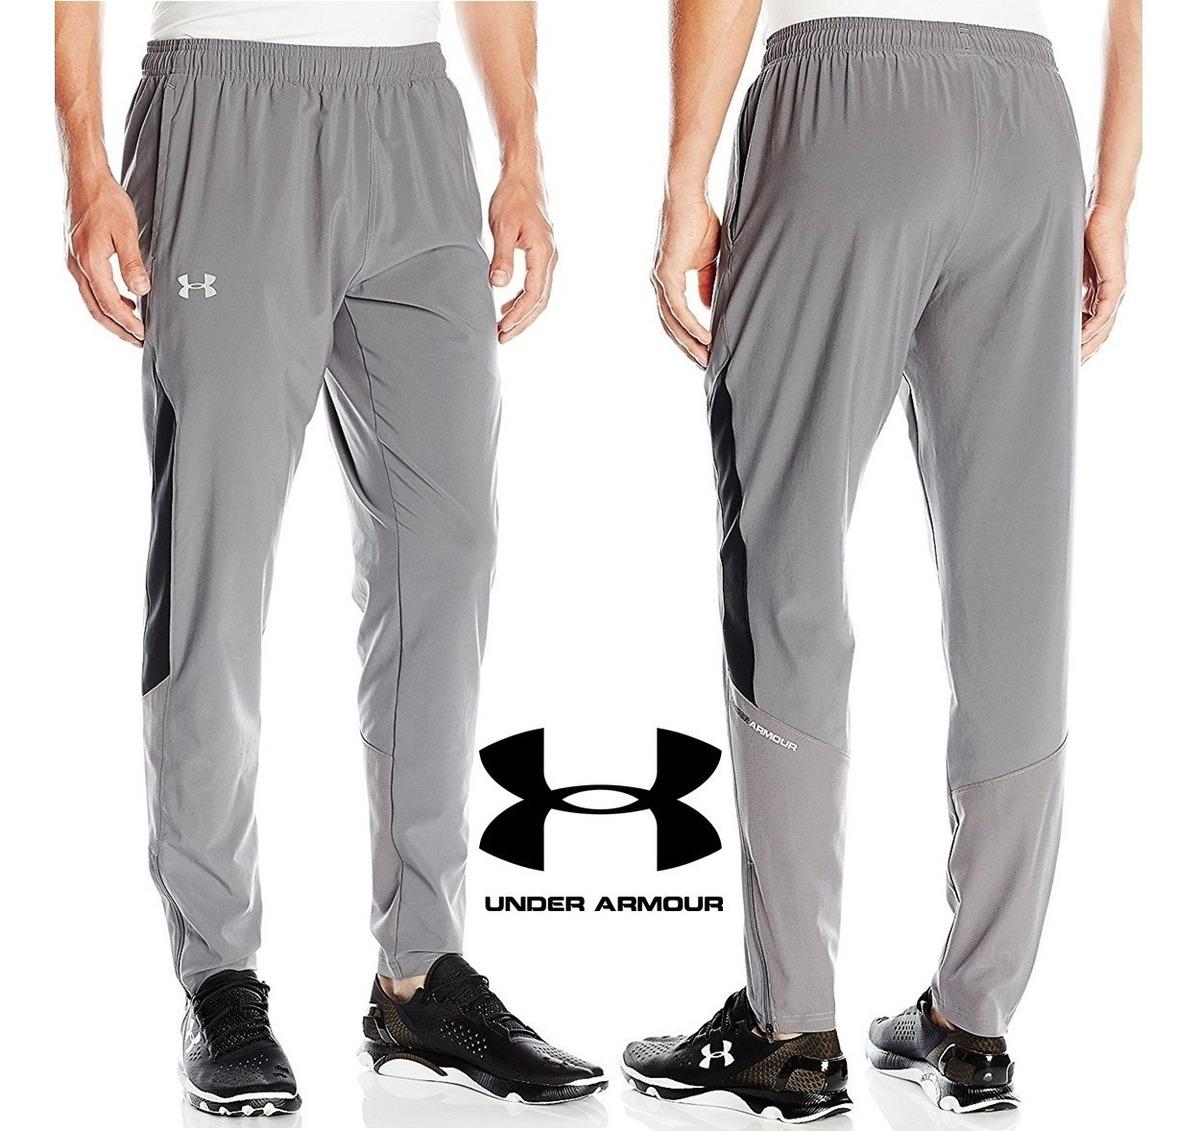 calidad y cantidad asegurada mejor valor comprar genuino Pantalon Under Armour Sudadera 100% Originales Nike Jordan ...